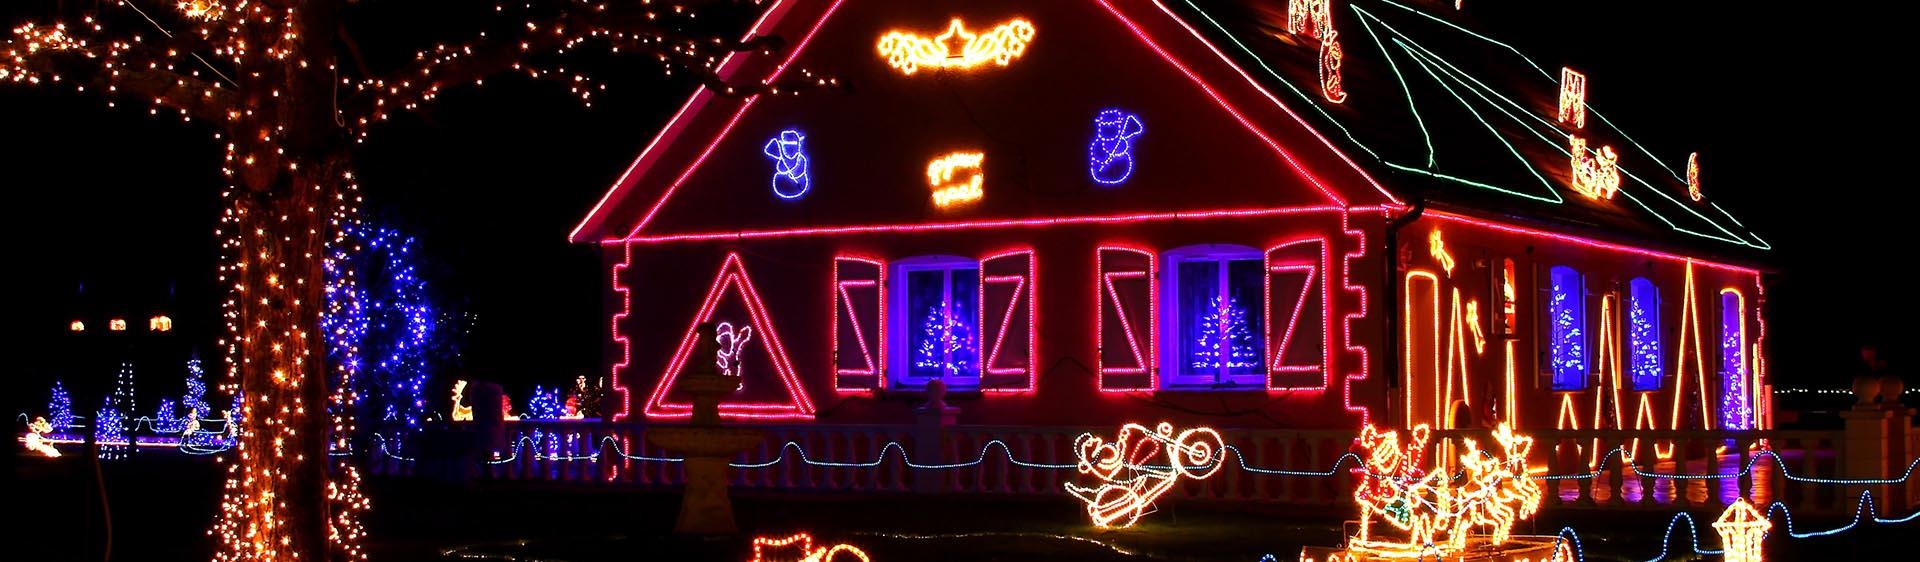 Calgary Christmas Light Installation, Christmas Light Company and Holiday Lighting Installation